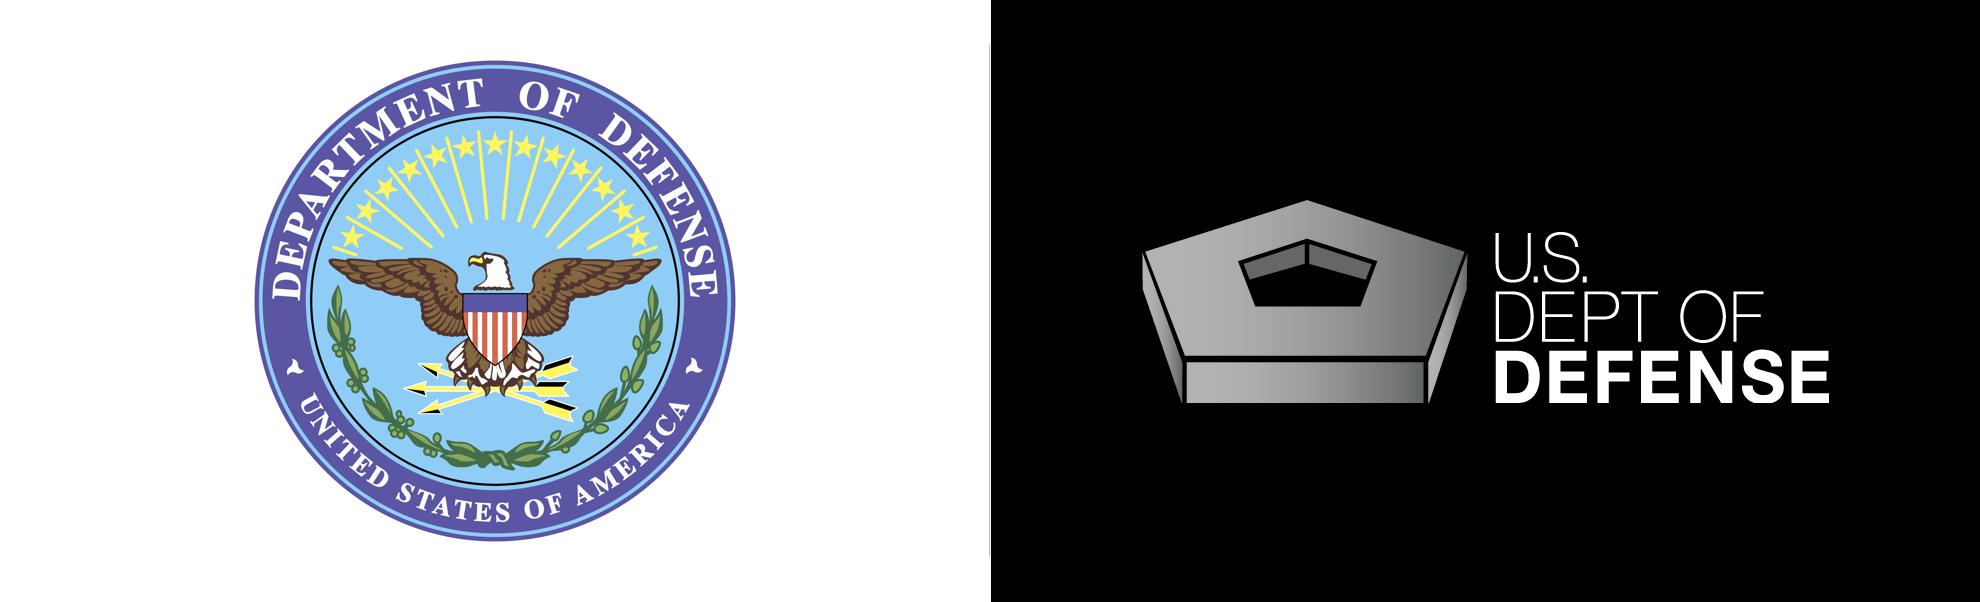 amerykański departament obrony zmienił logo